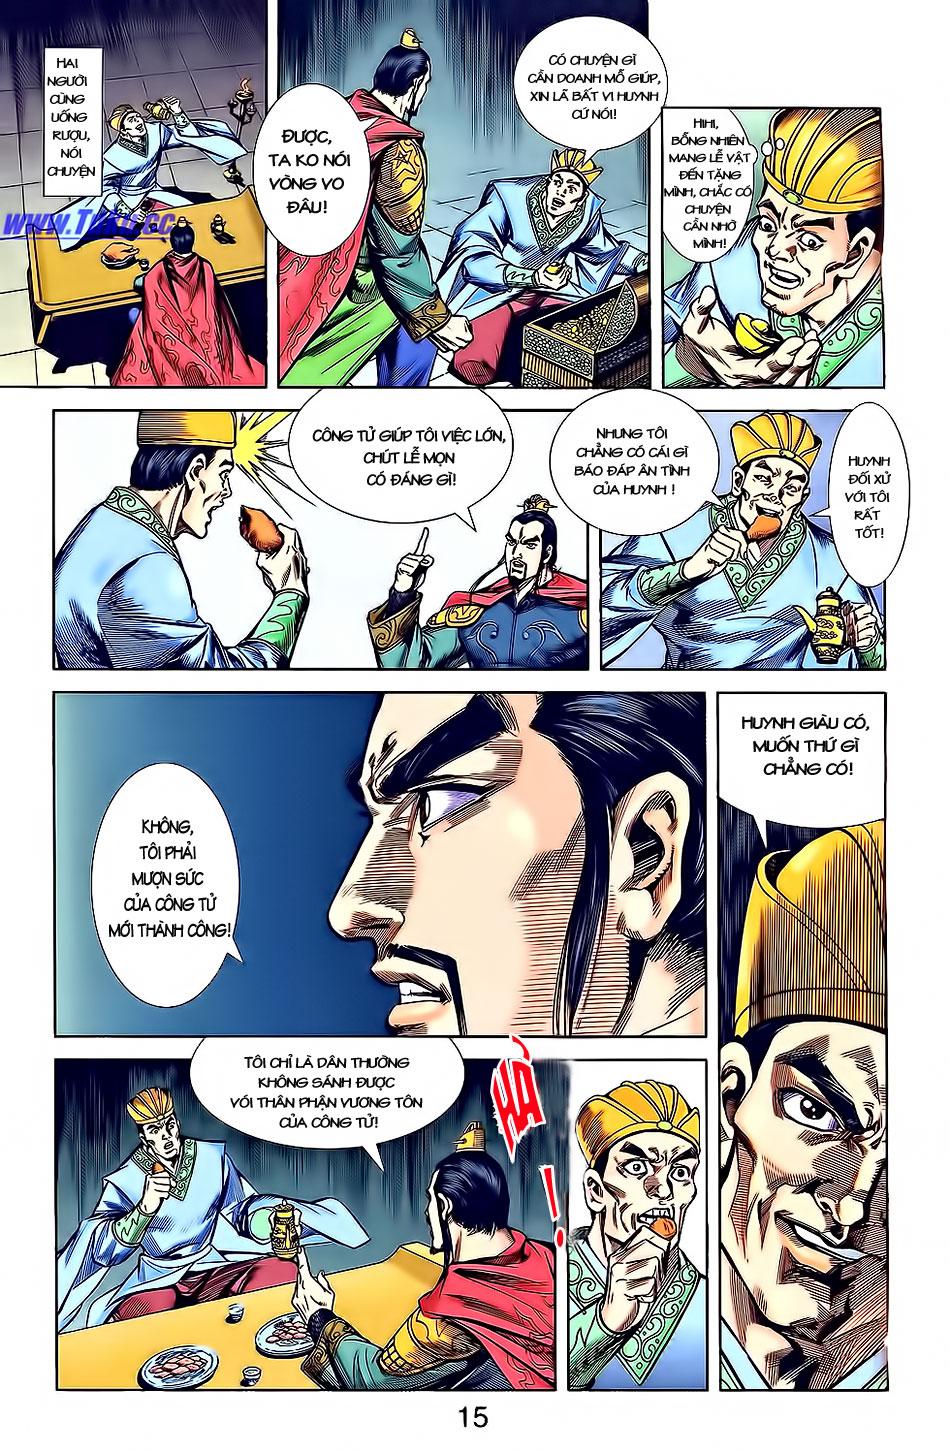 Tần Vương Doanh Chính chapter 3 trang 17